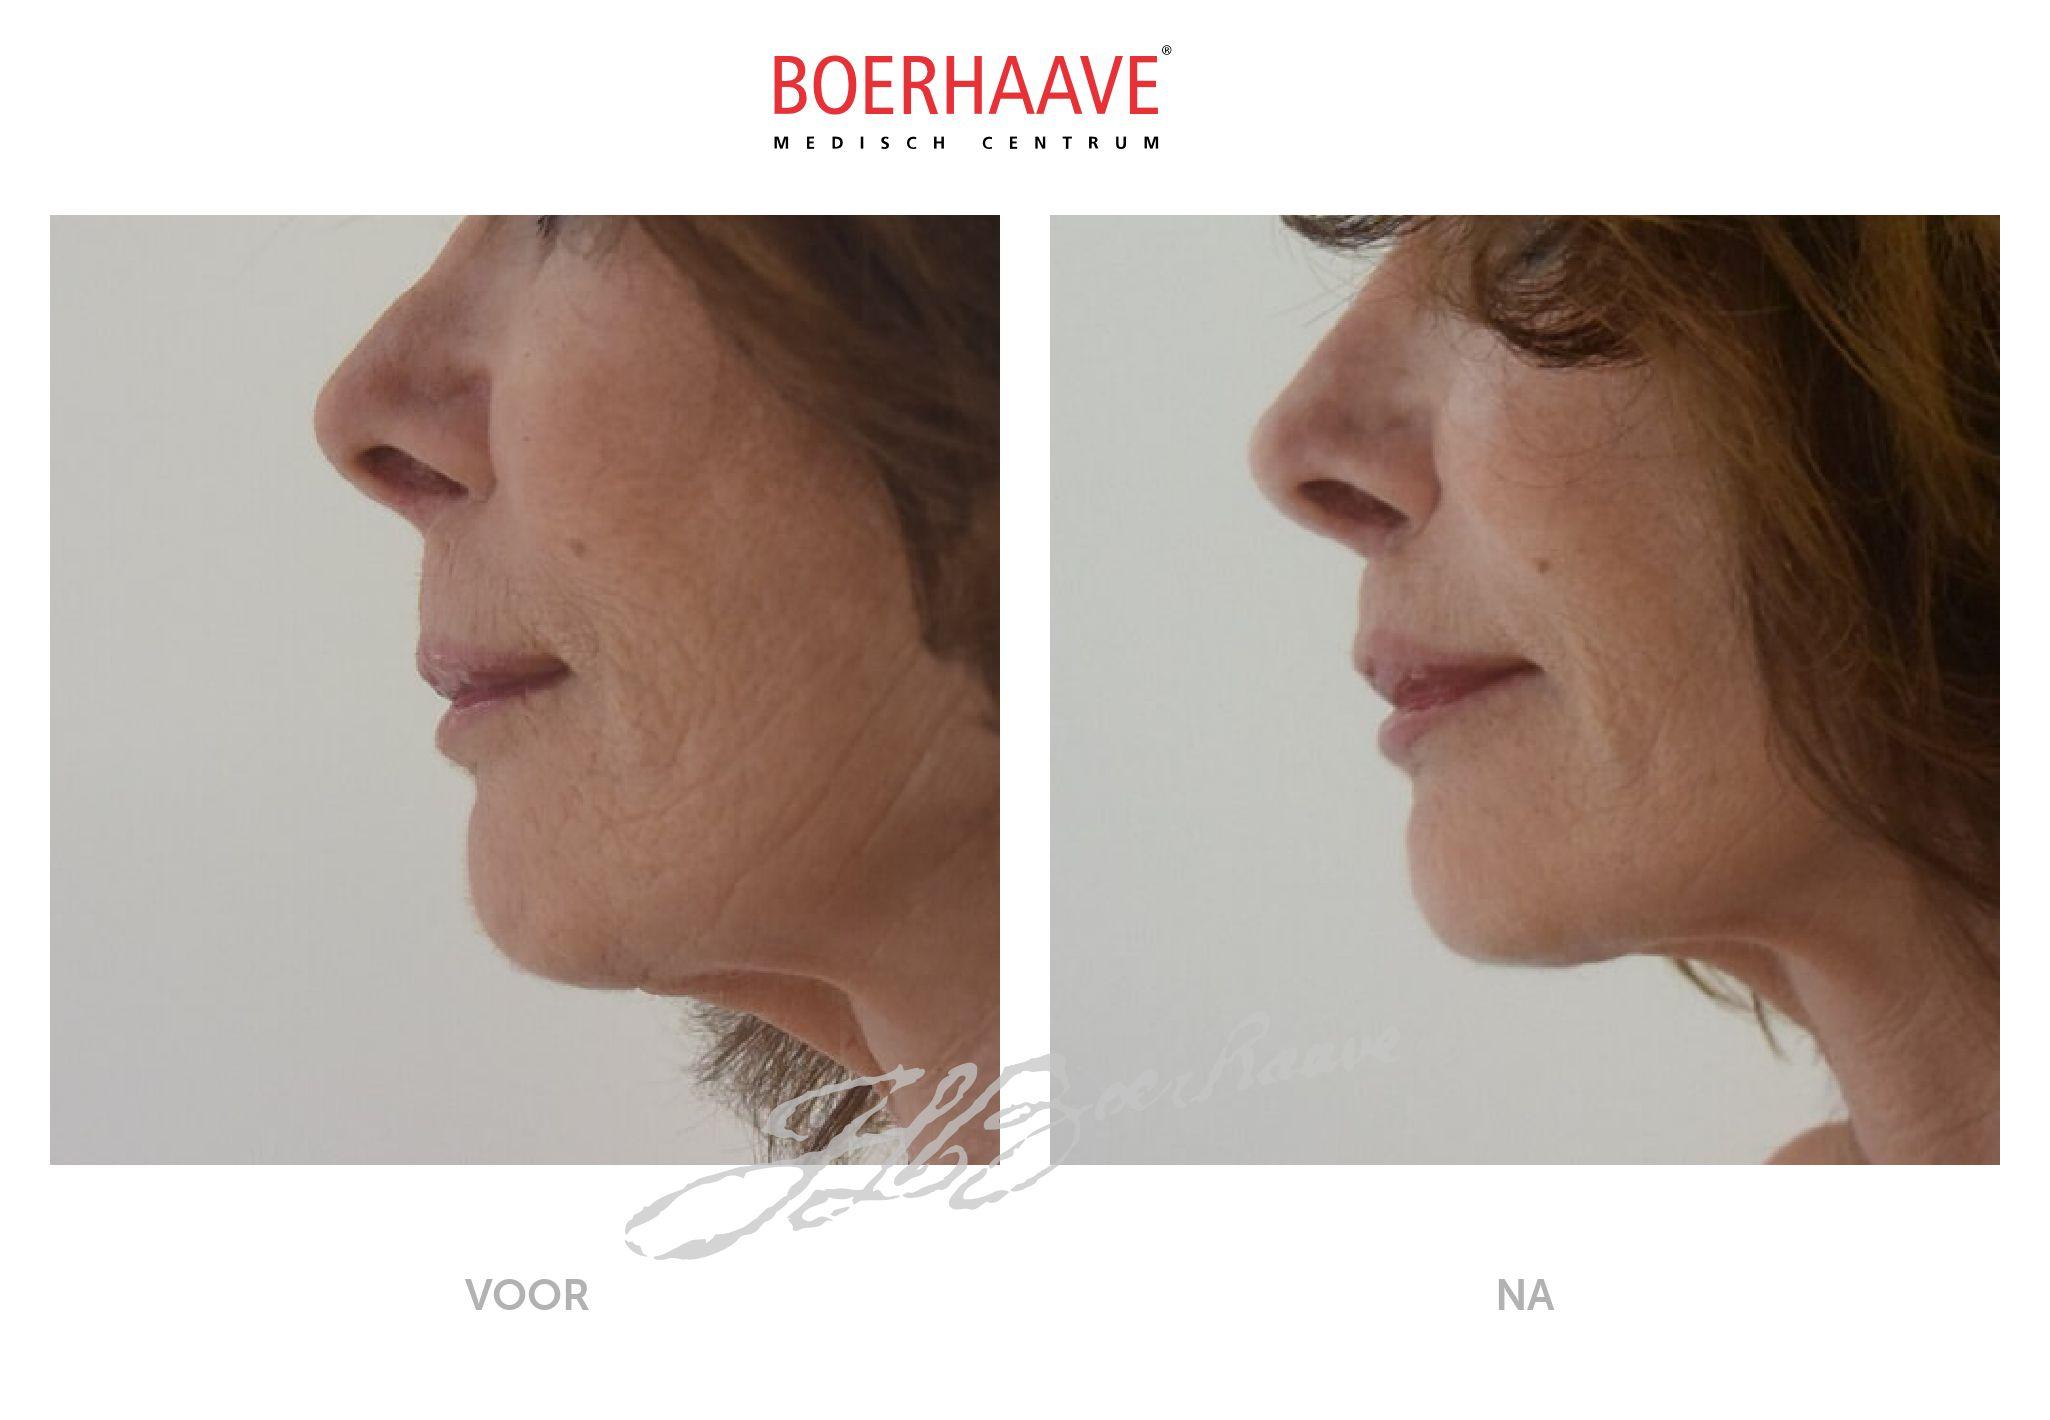 Voor na foto van lipcorrectie behandeling